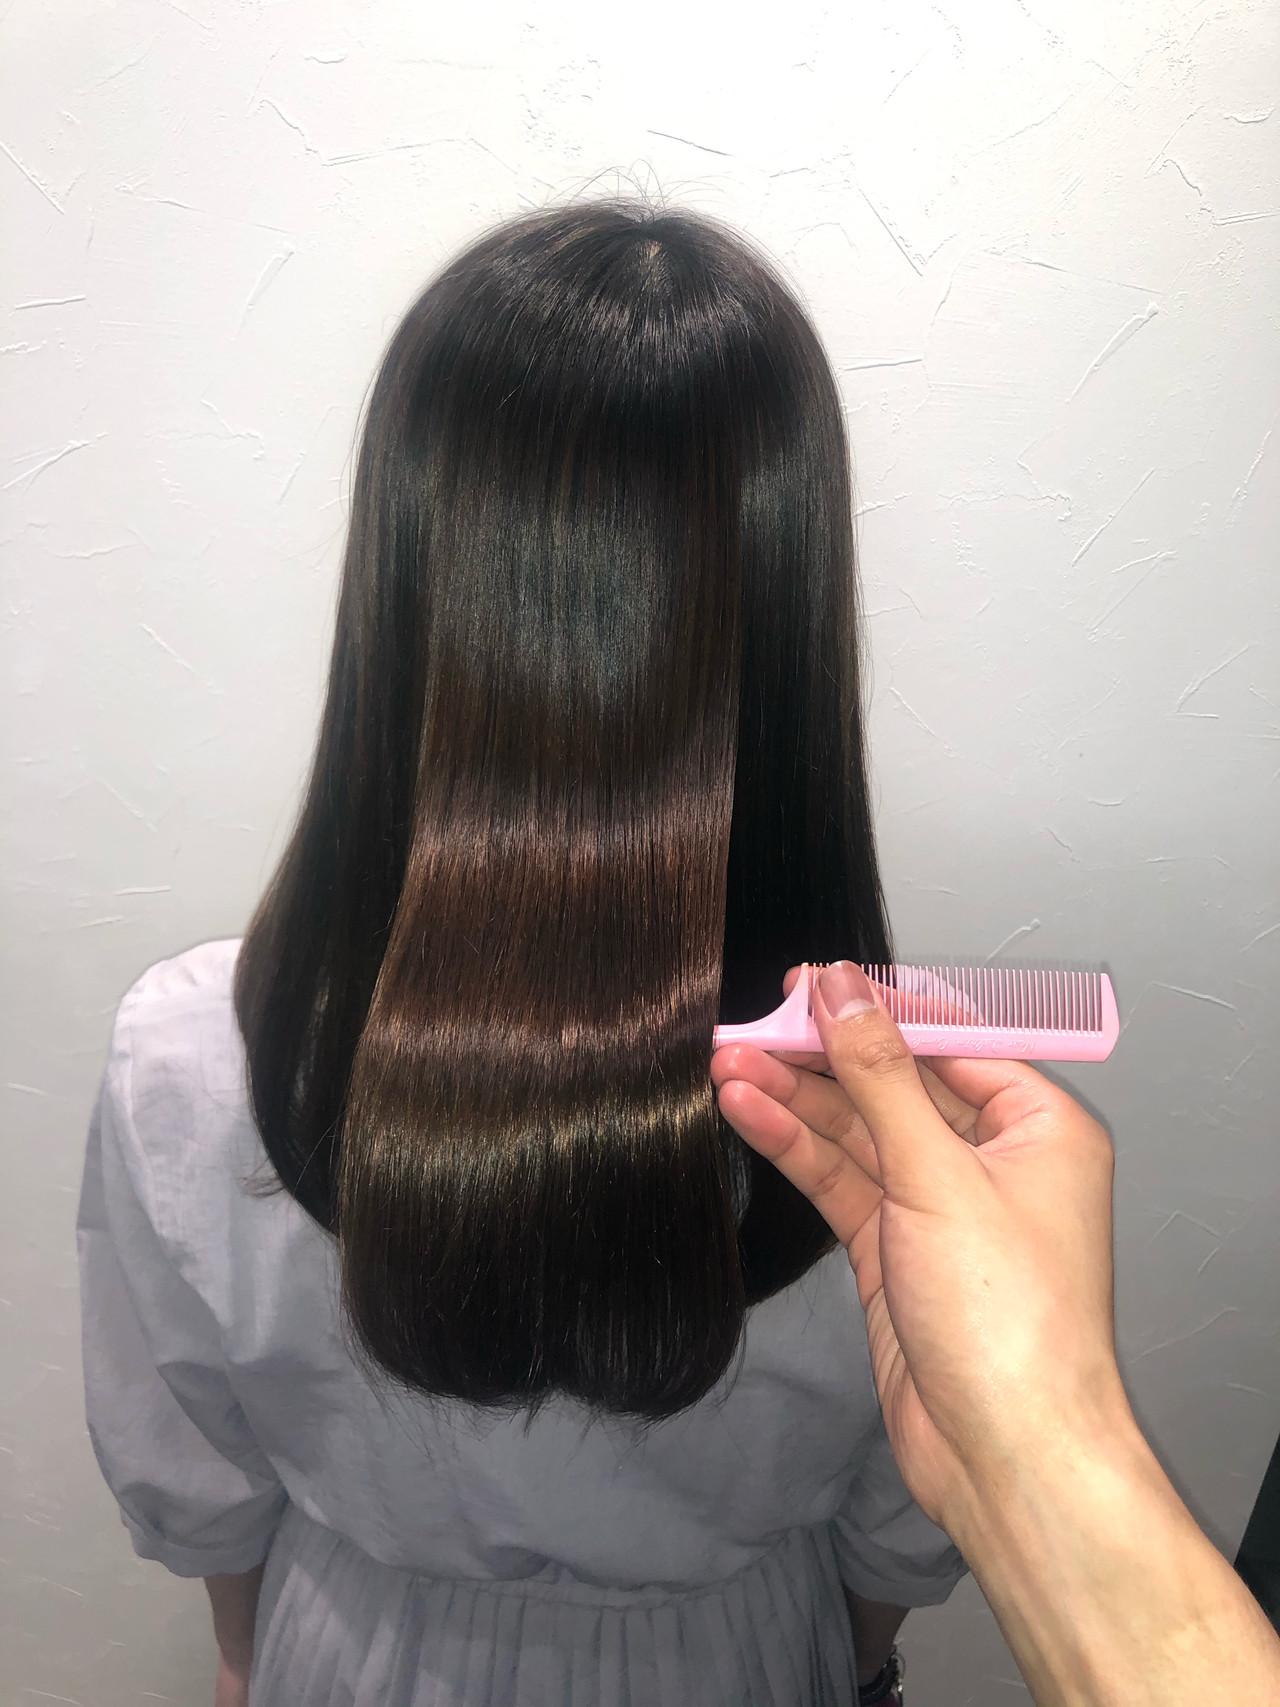 ストレート ナチュラル 髪質改善 ロング ヘアスタイルや髪型の写真・画像